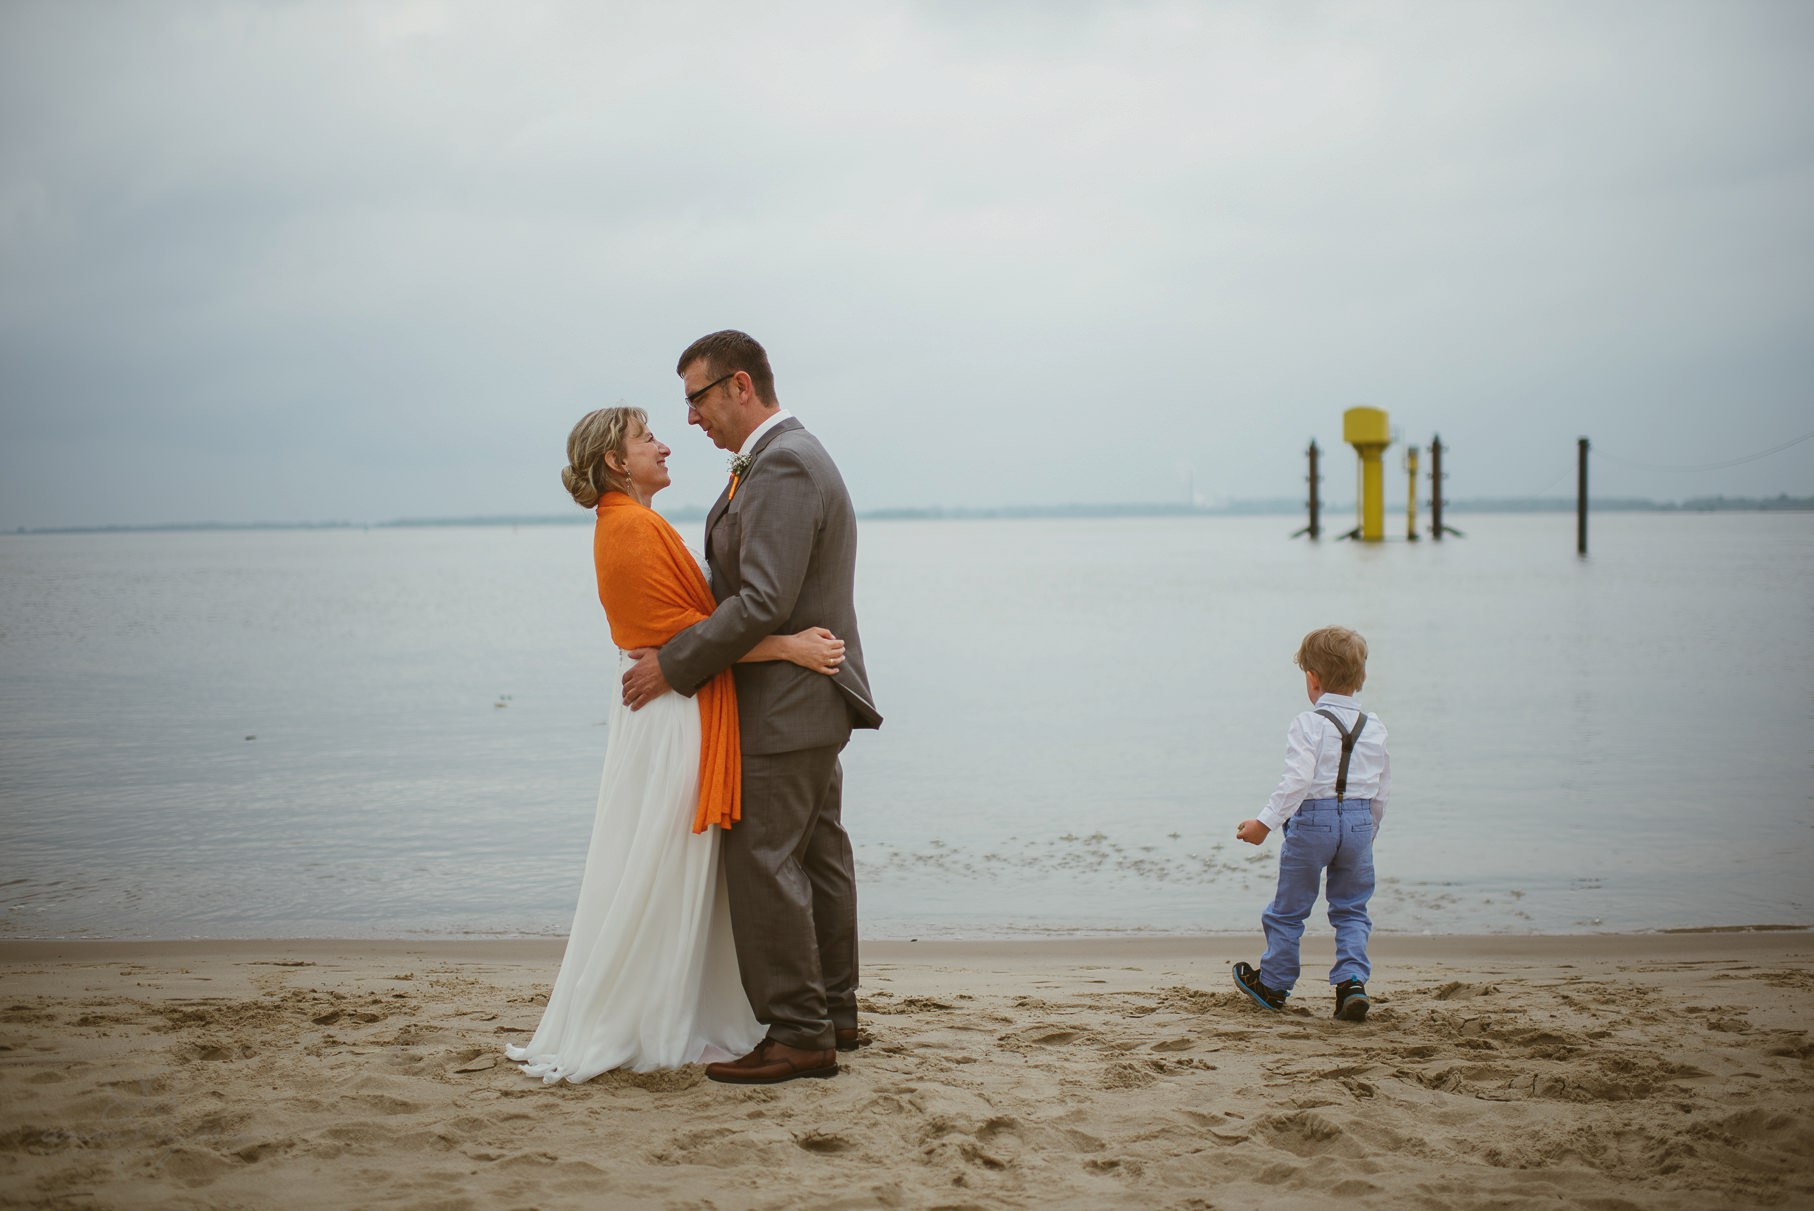 0103 anne und bjoern Manu und Sven D75 0575 1 - DIY Hochzeit im Erdhaus auf dem alten Land - Manuela & Sven